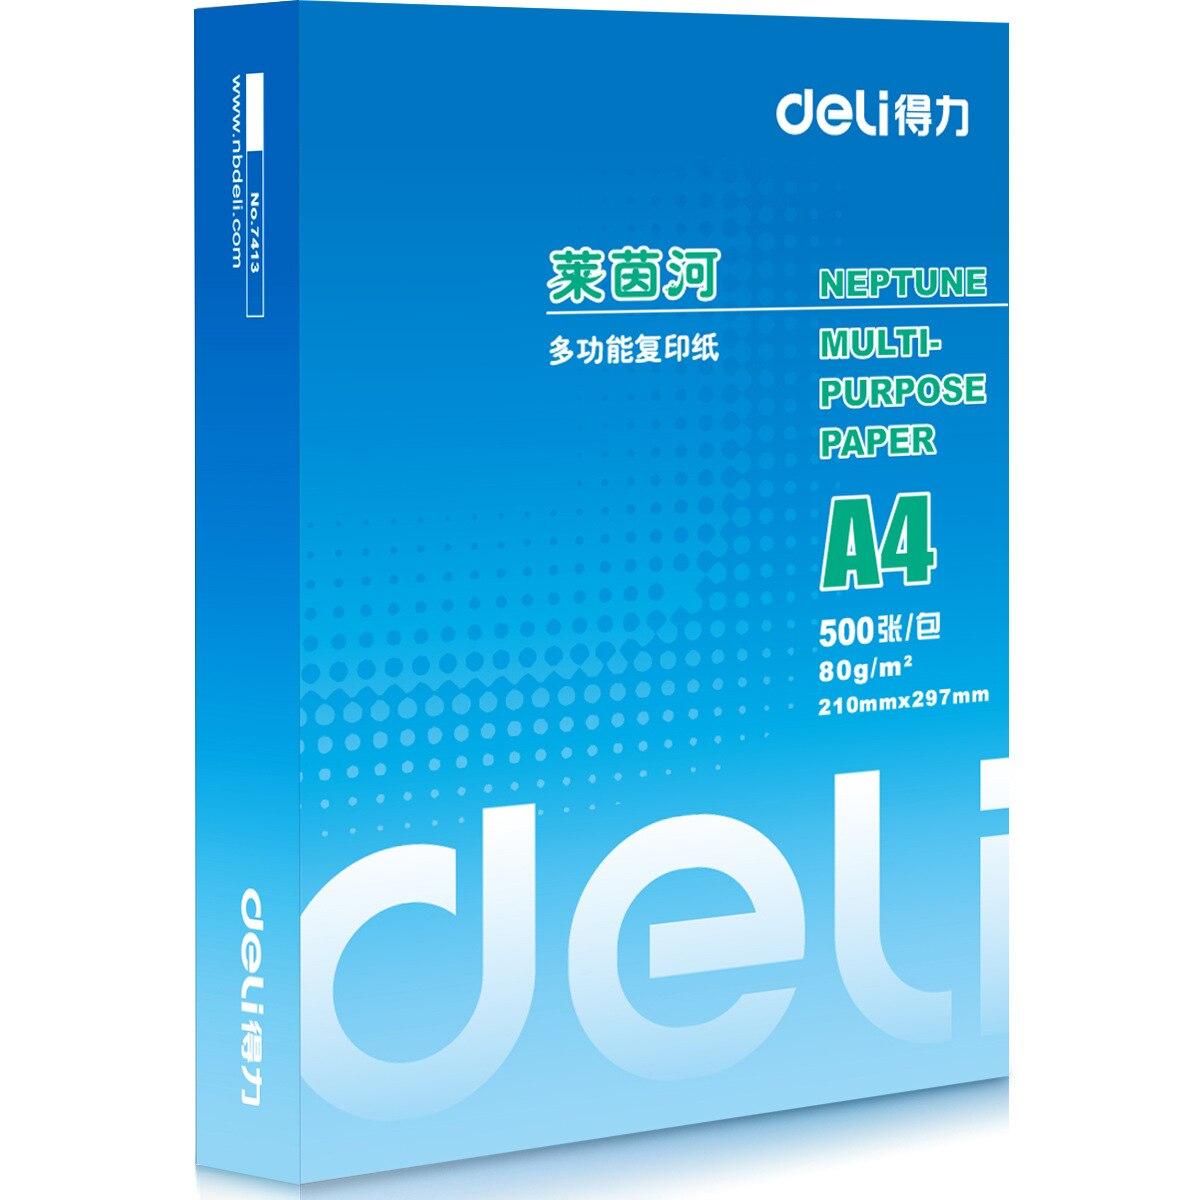 Papel de cópia 7413 ramo a4 80g 500 folhas/pacote impressora de carbono impressora de papel material de escritório sala de aula papelaria